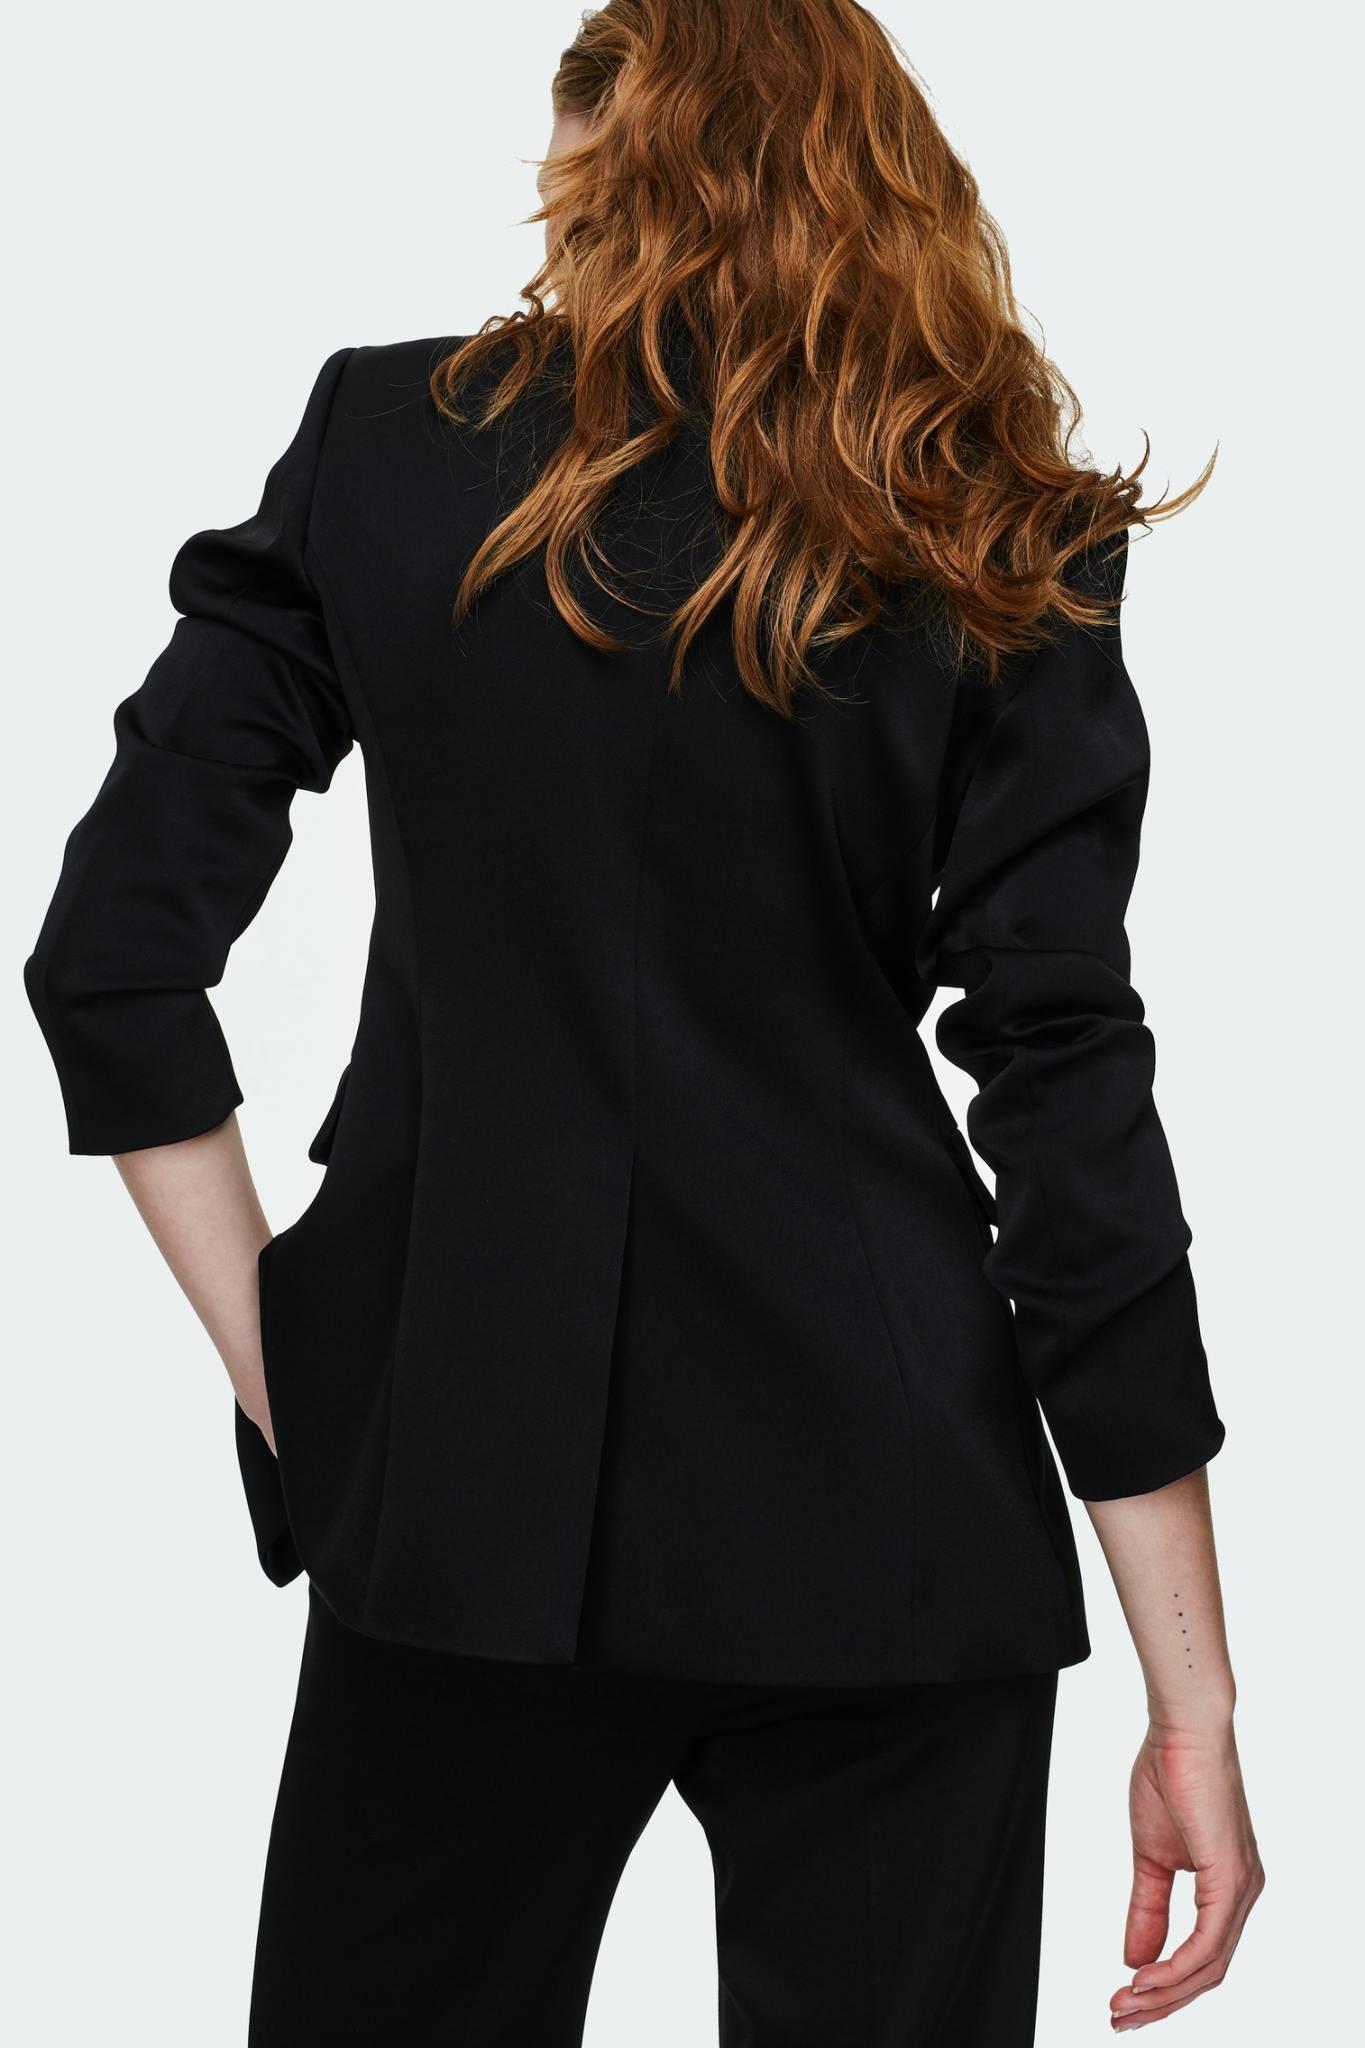 Classy statement jacket dorothee schumacher-4